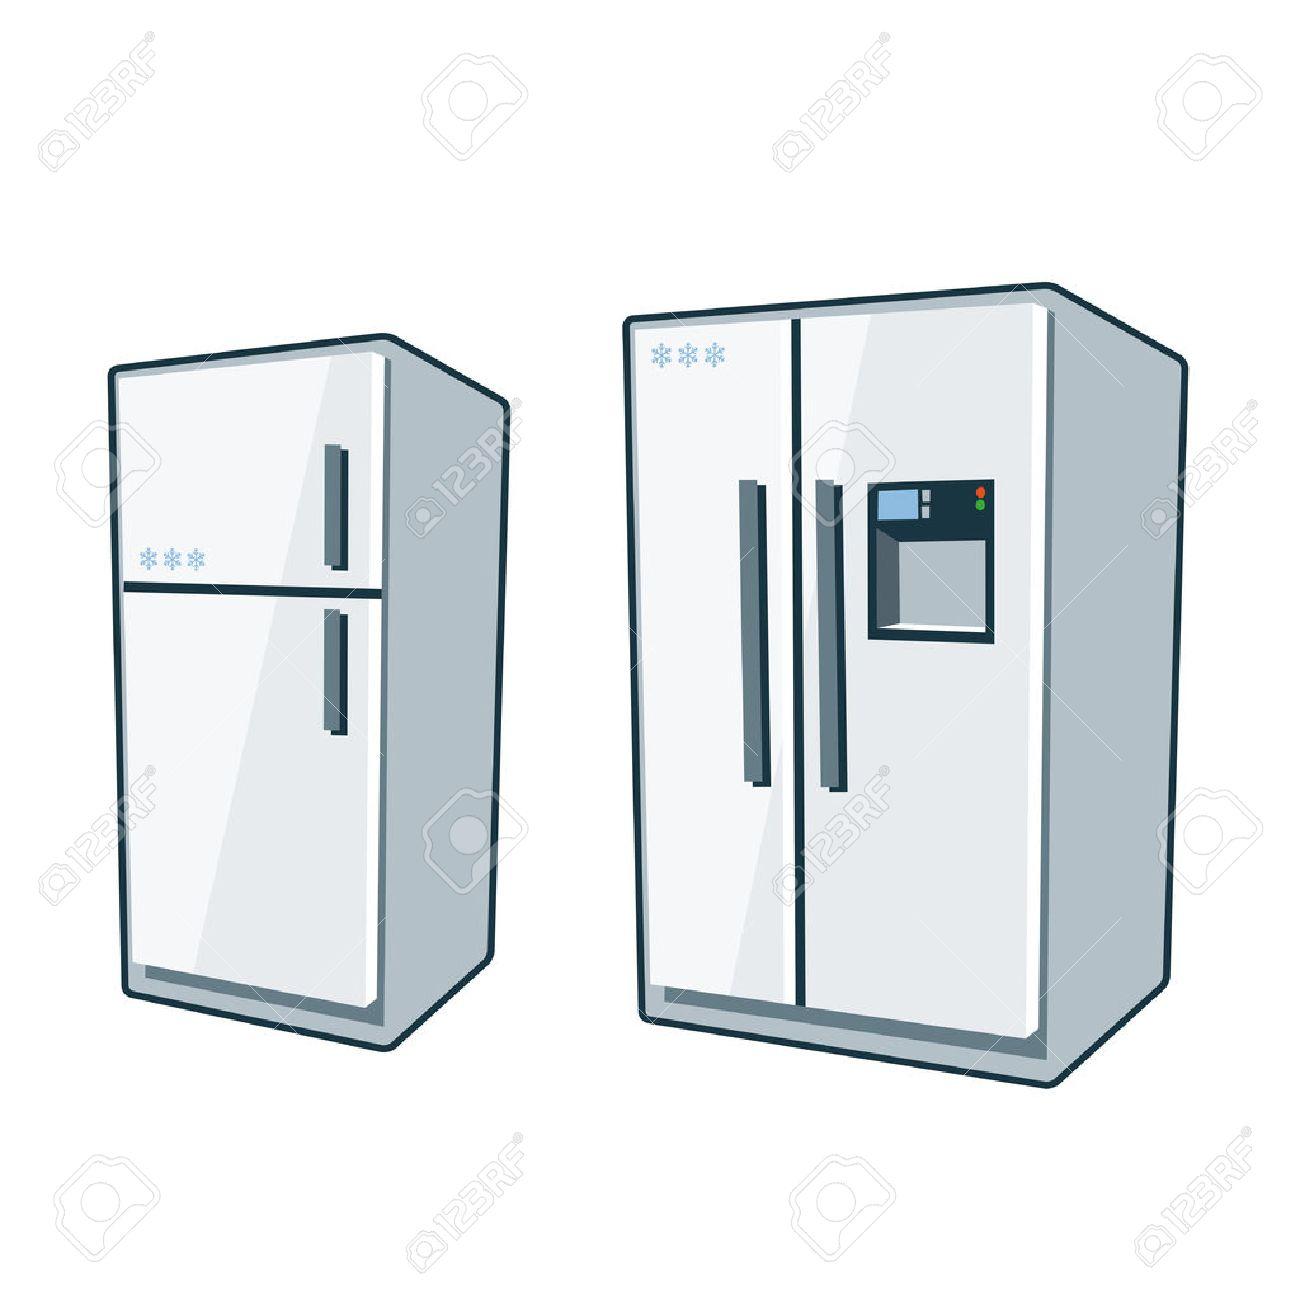 Zwei Comic-Vektor-Icons Von Kühlschrank Und Side-by Side Kühlschrank ...